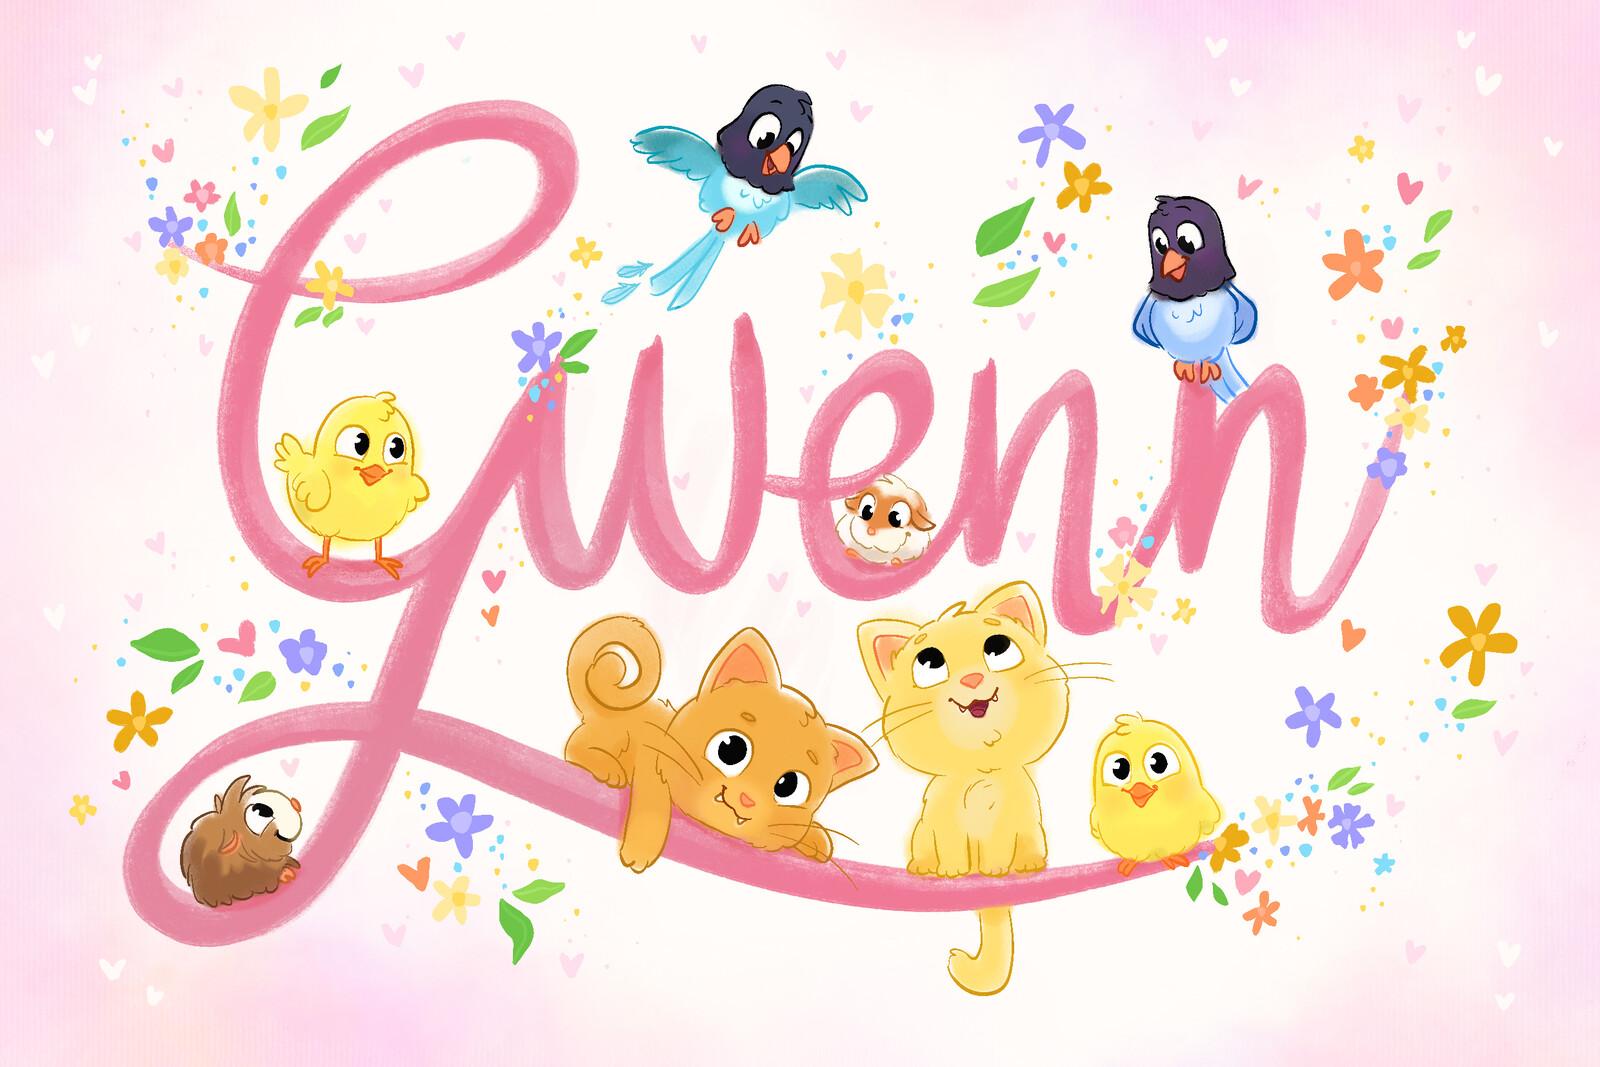 Birth Announcement Card - Gwenn